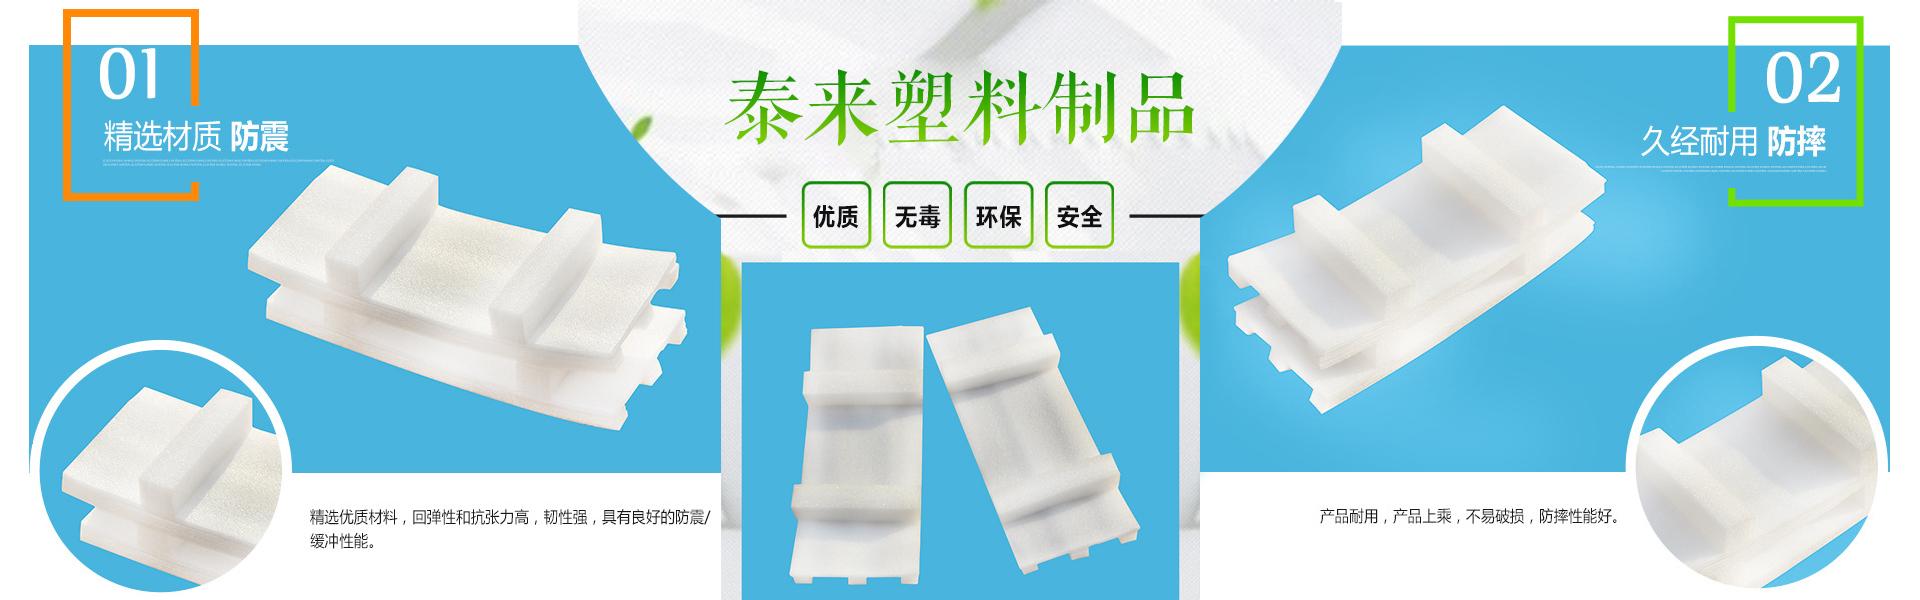 泰来塑料制品珍珠棉包装材料